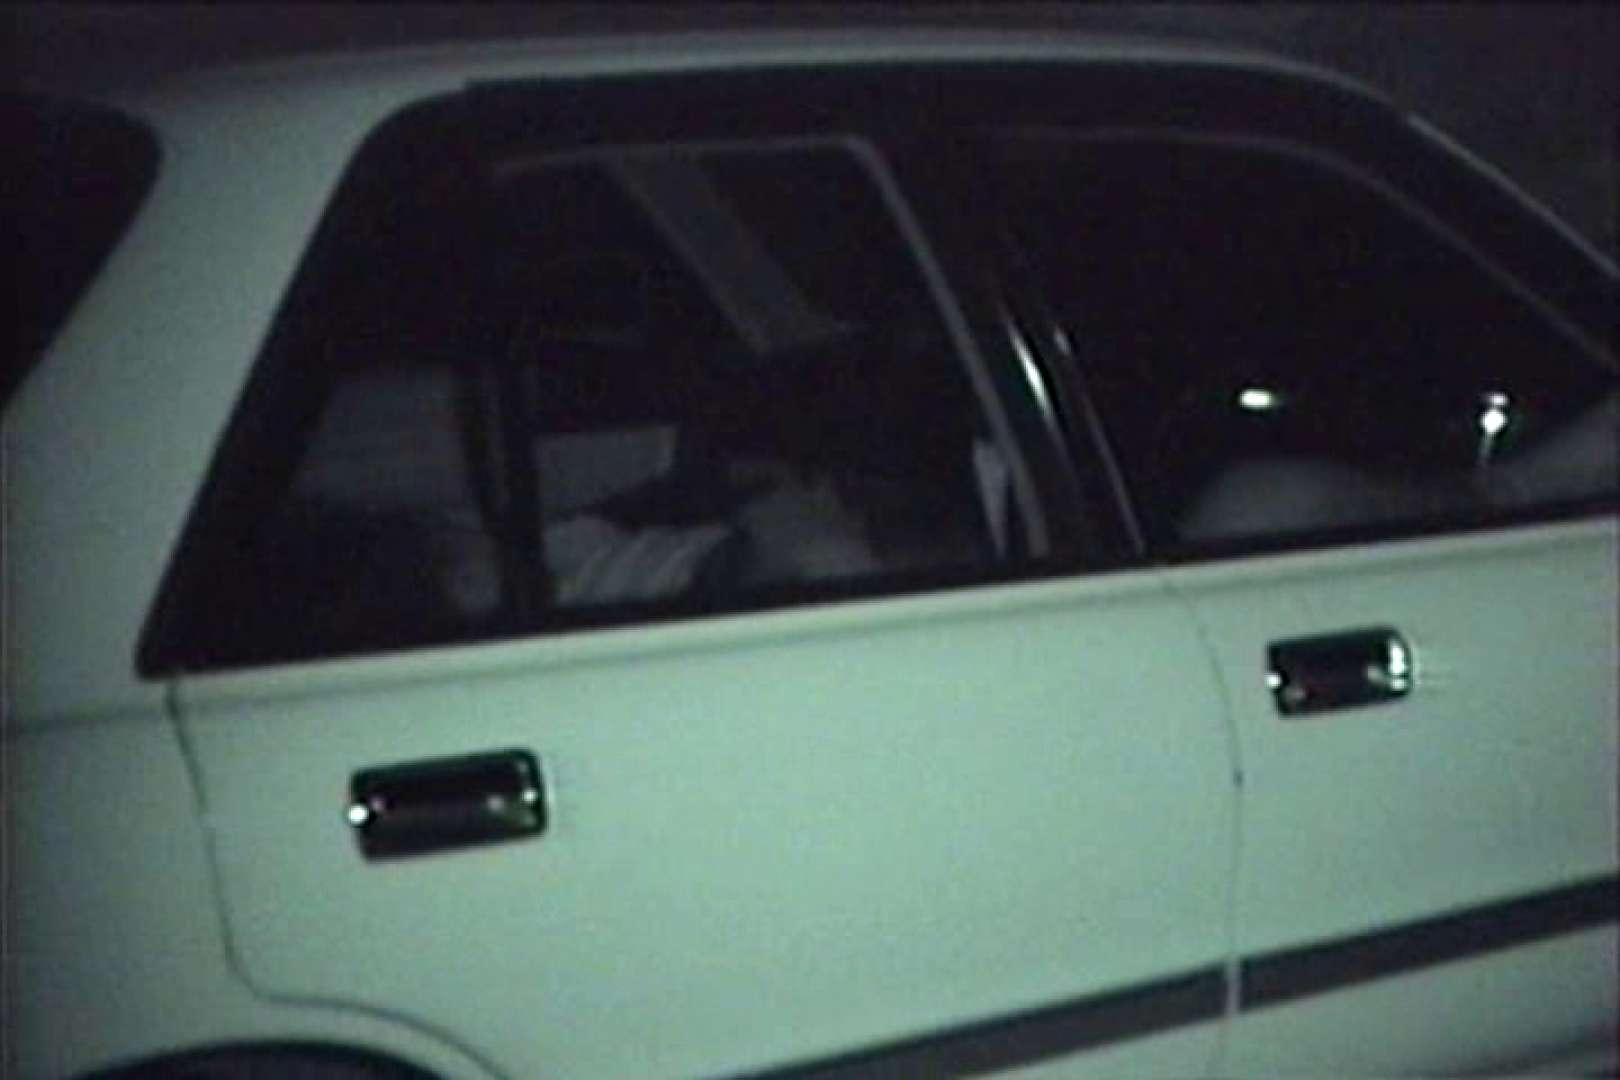 車の中はラブホテル 無修正版  Vol.18 喘ぎ娘 エロ画像 80連発 26